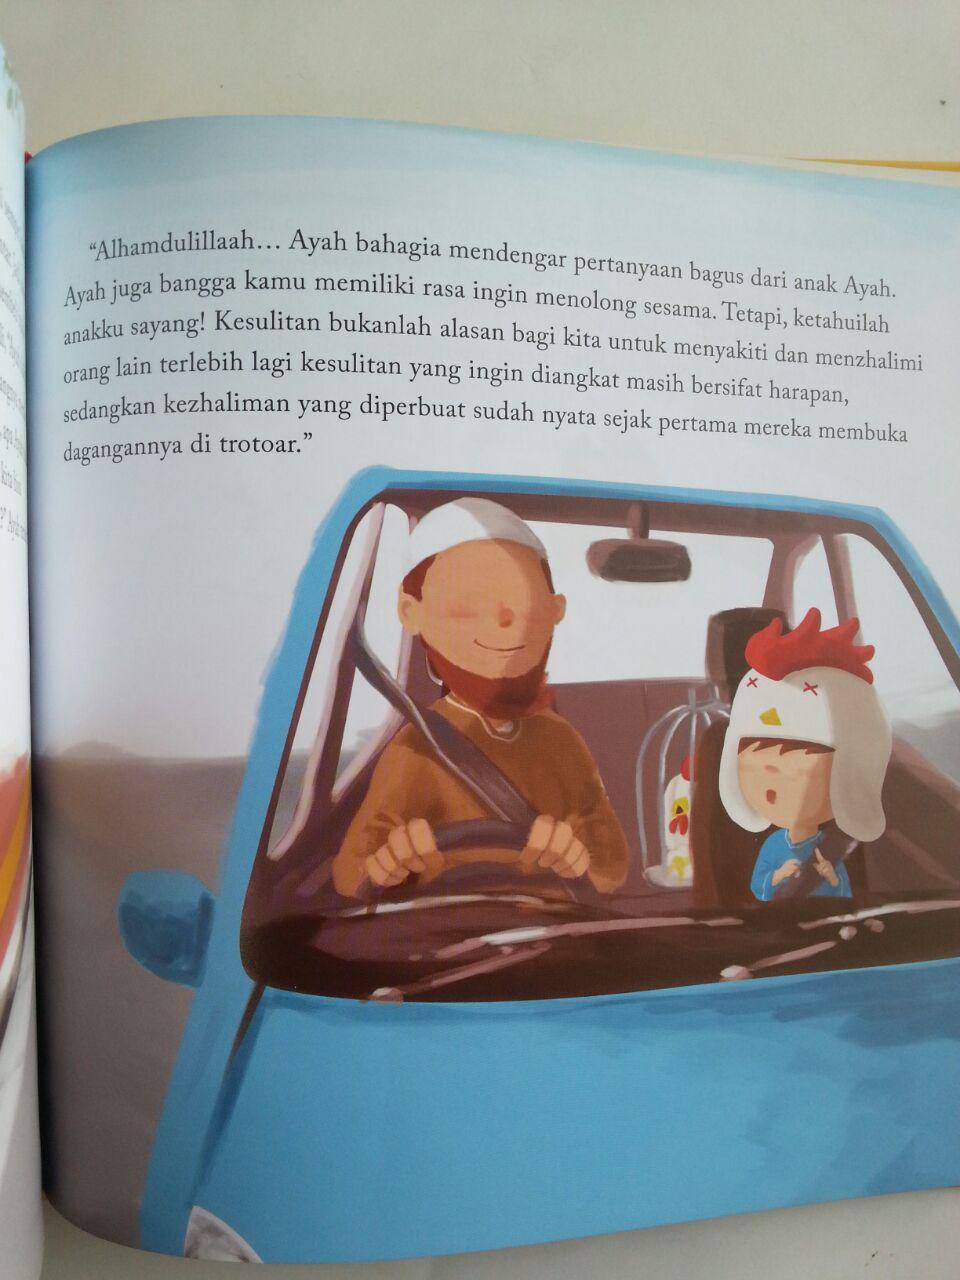 Buku Muamalah Untuk Anak Jual Beli Yang Terlarang isi 3